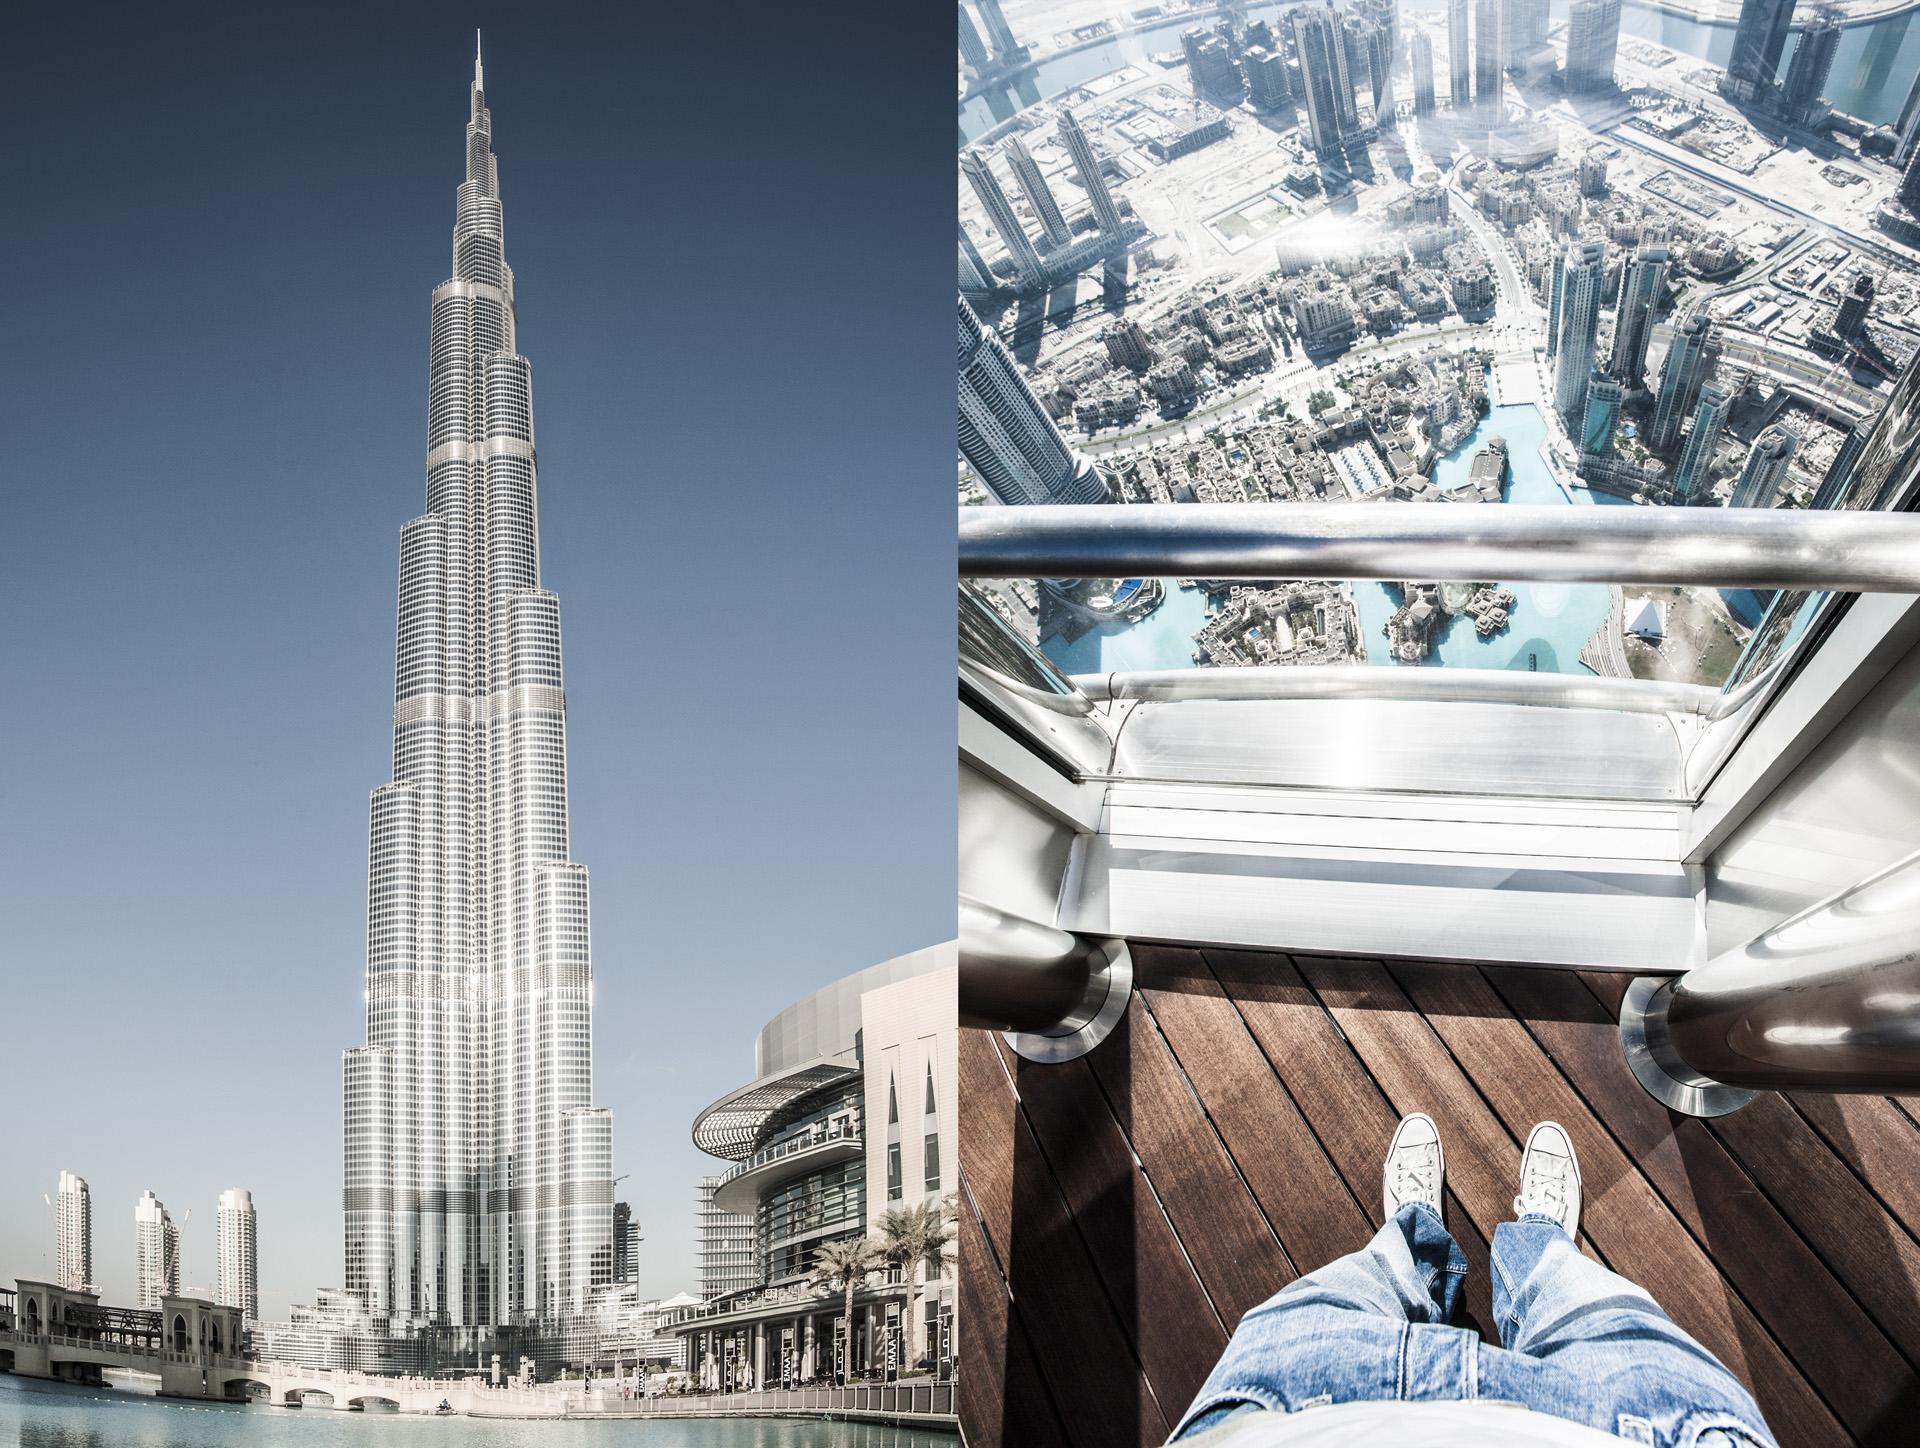 DSC0062 - Dubai